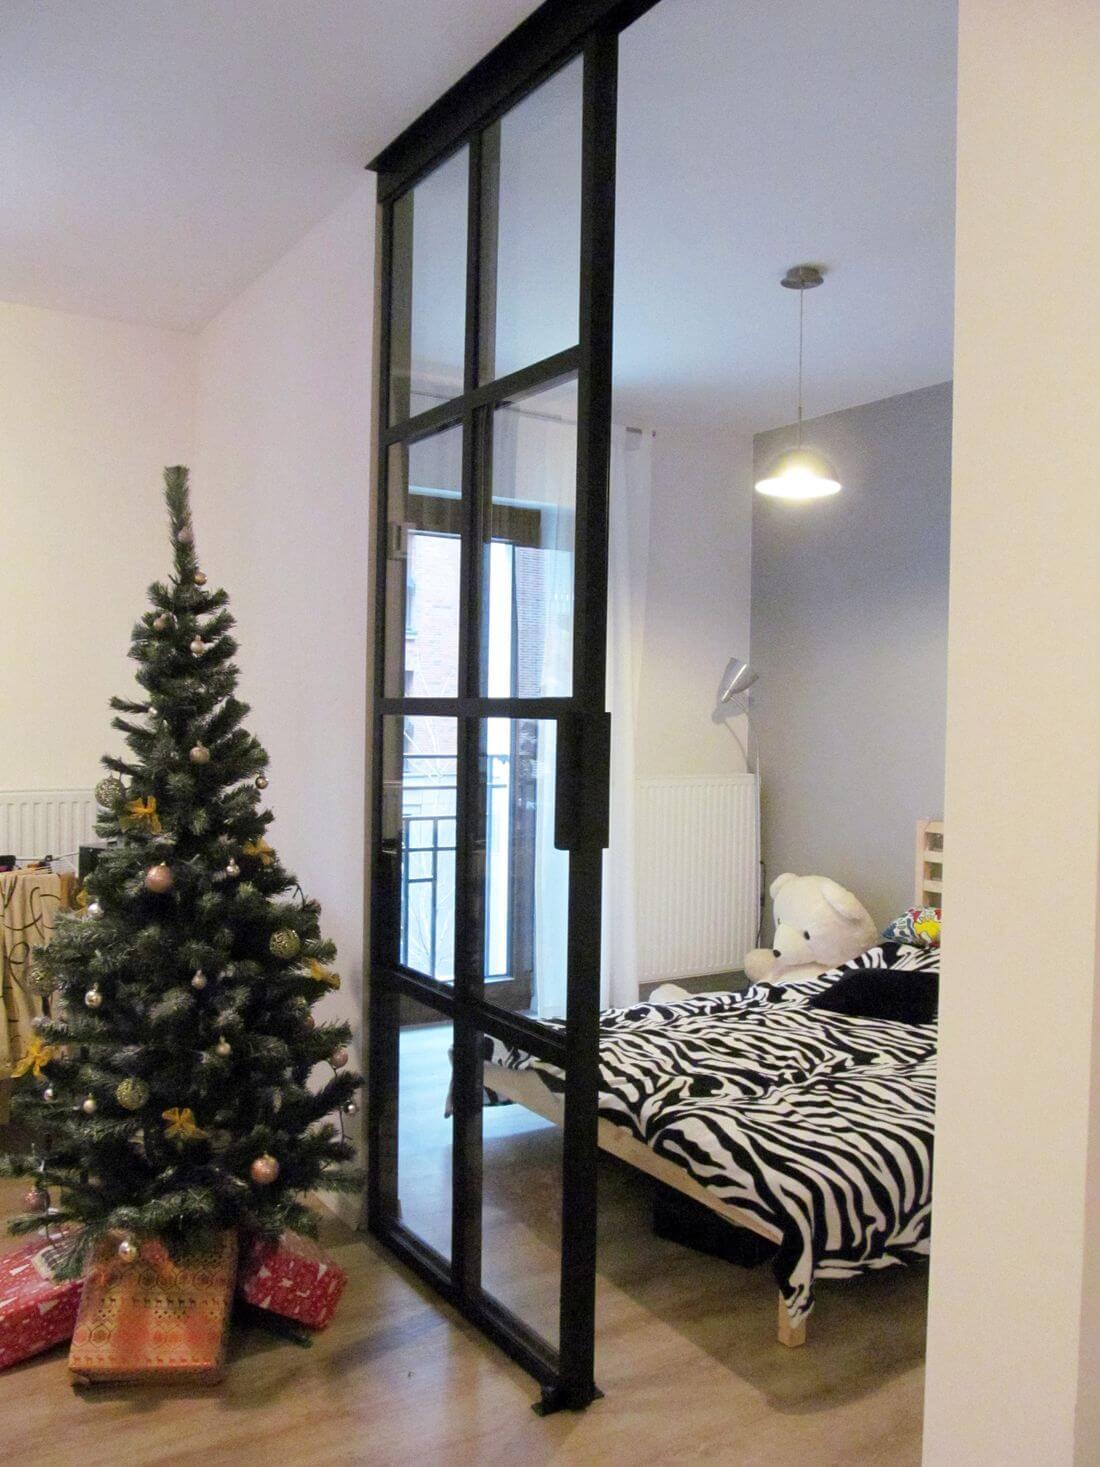 Otwarte drzwi przesuwne loftowe w przejściu z salonu do sypialni z choinką po lewej stronie – mieszkanie z białymi ścianami